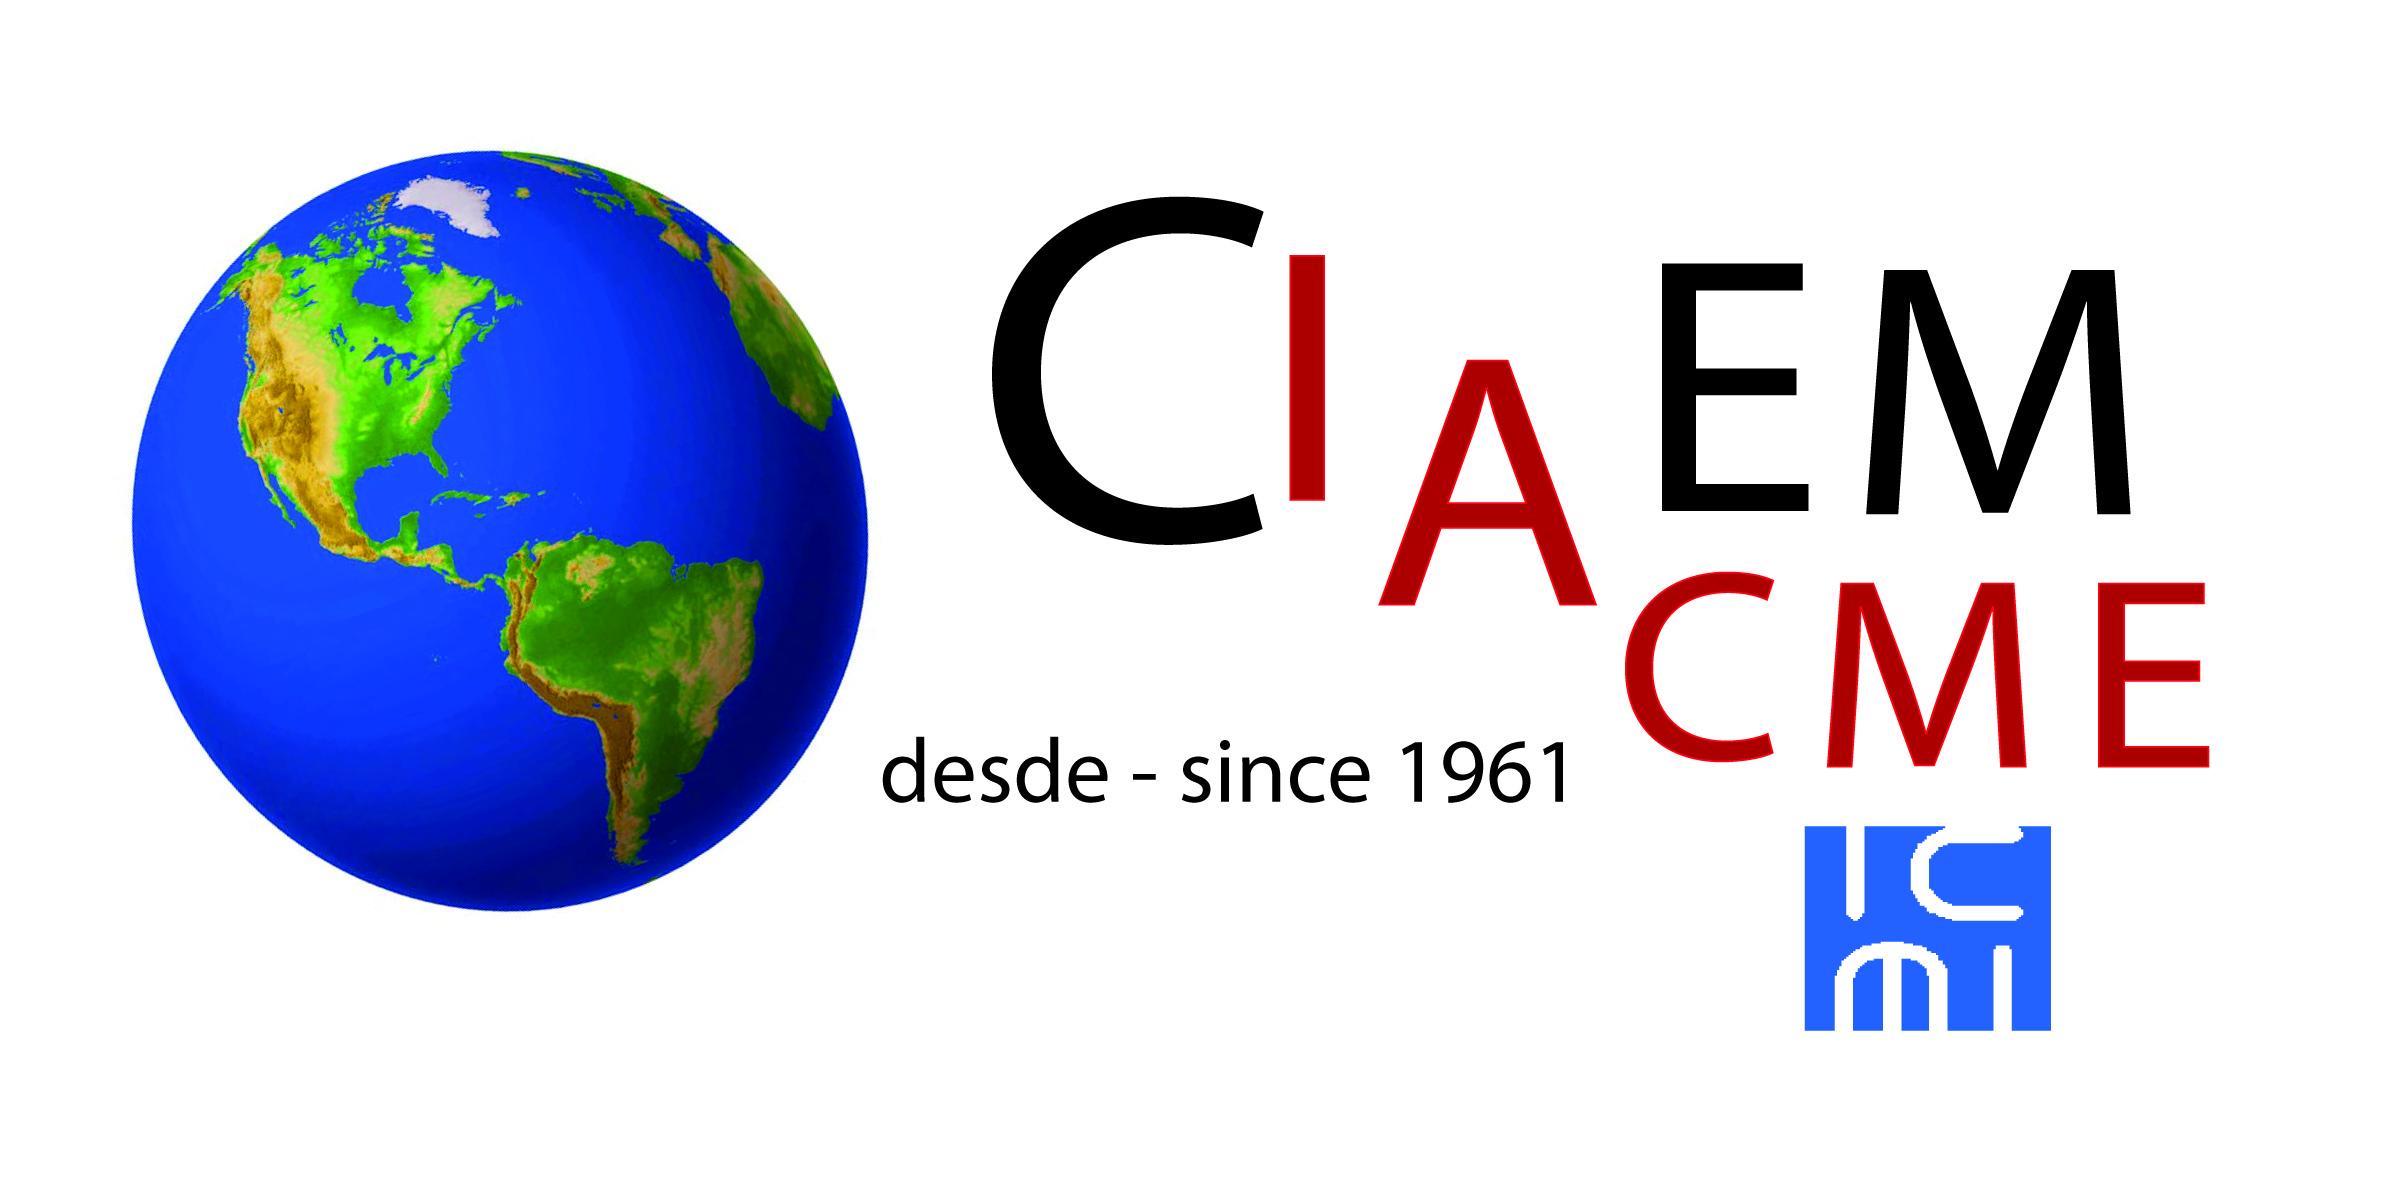 Logo CIAEM reducido